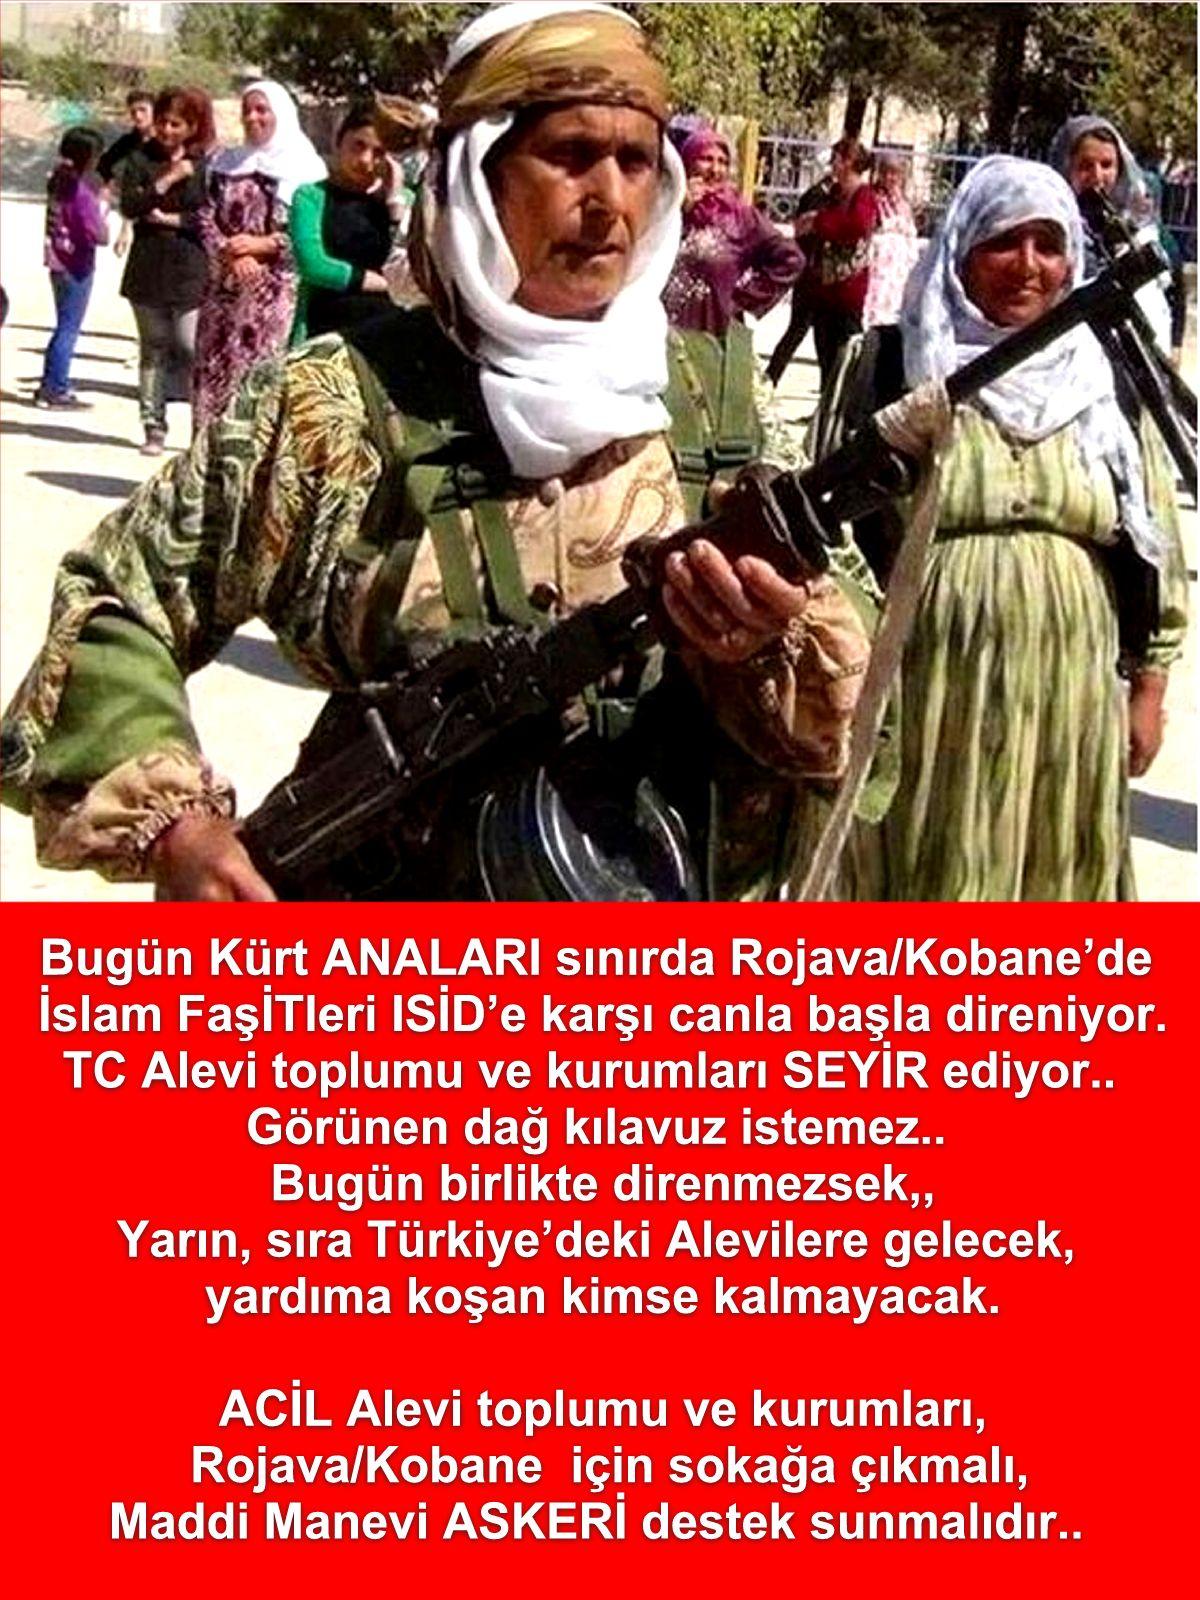 Devrimci Aleviler Birliği DAB Alevi Kızılbaş Bektaşi pir sultan cem hz Ali 12 imam semah Feramuz Şah Acar kobane_kurdish_woman